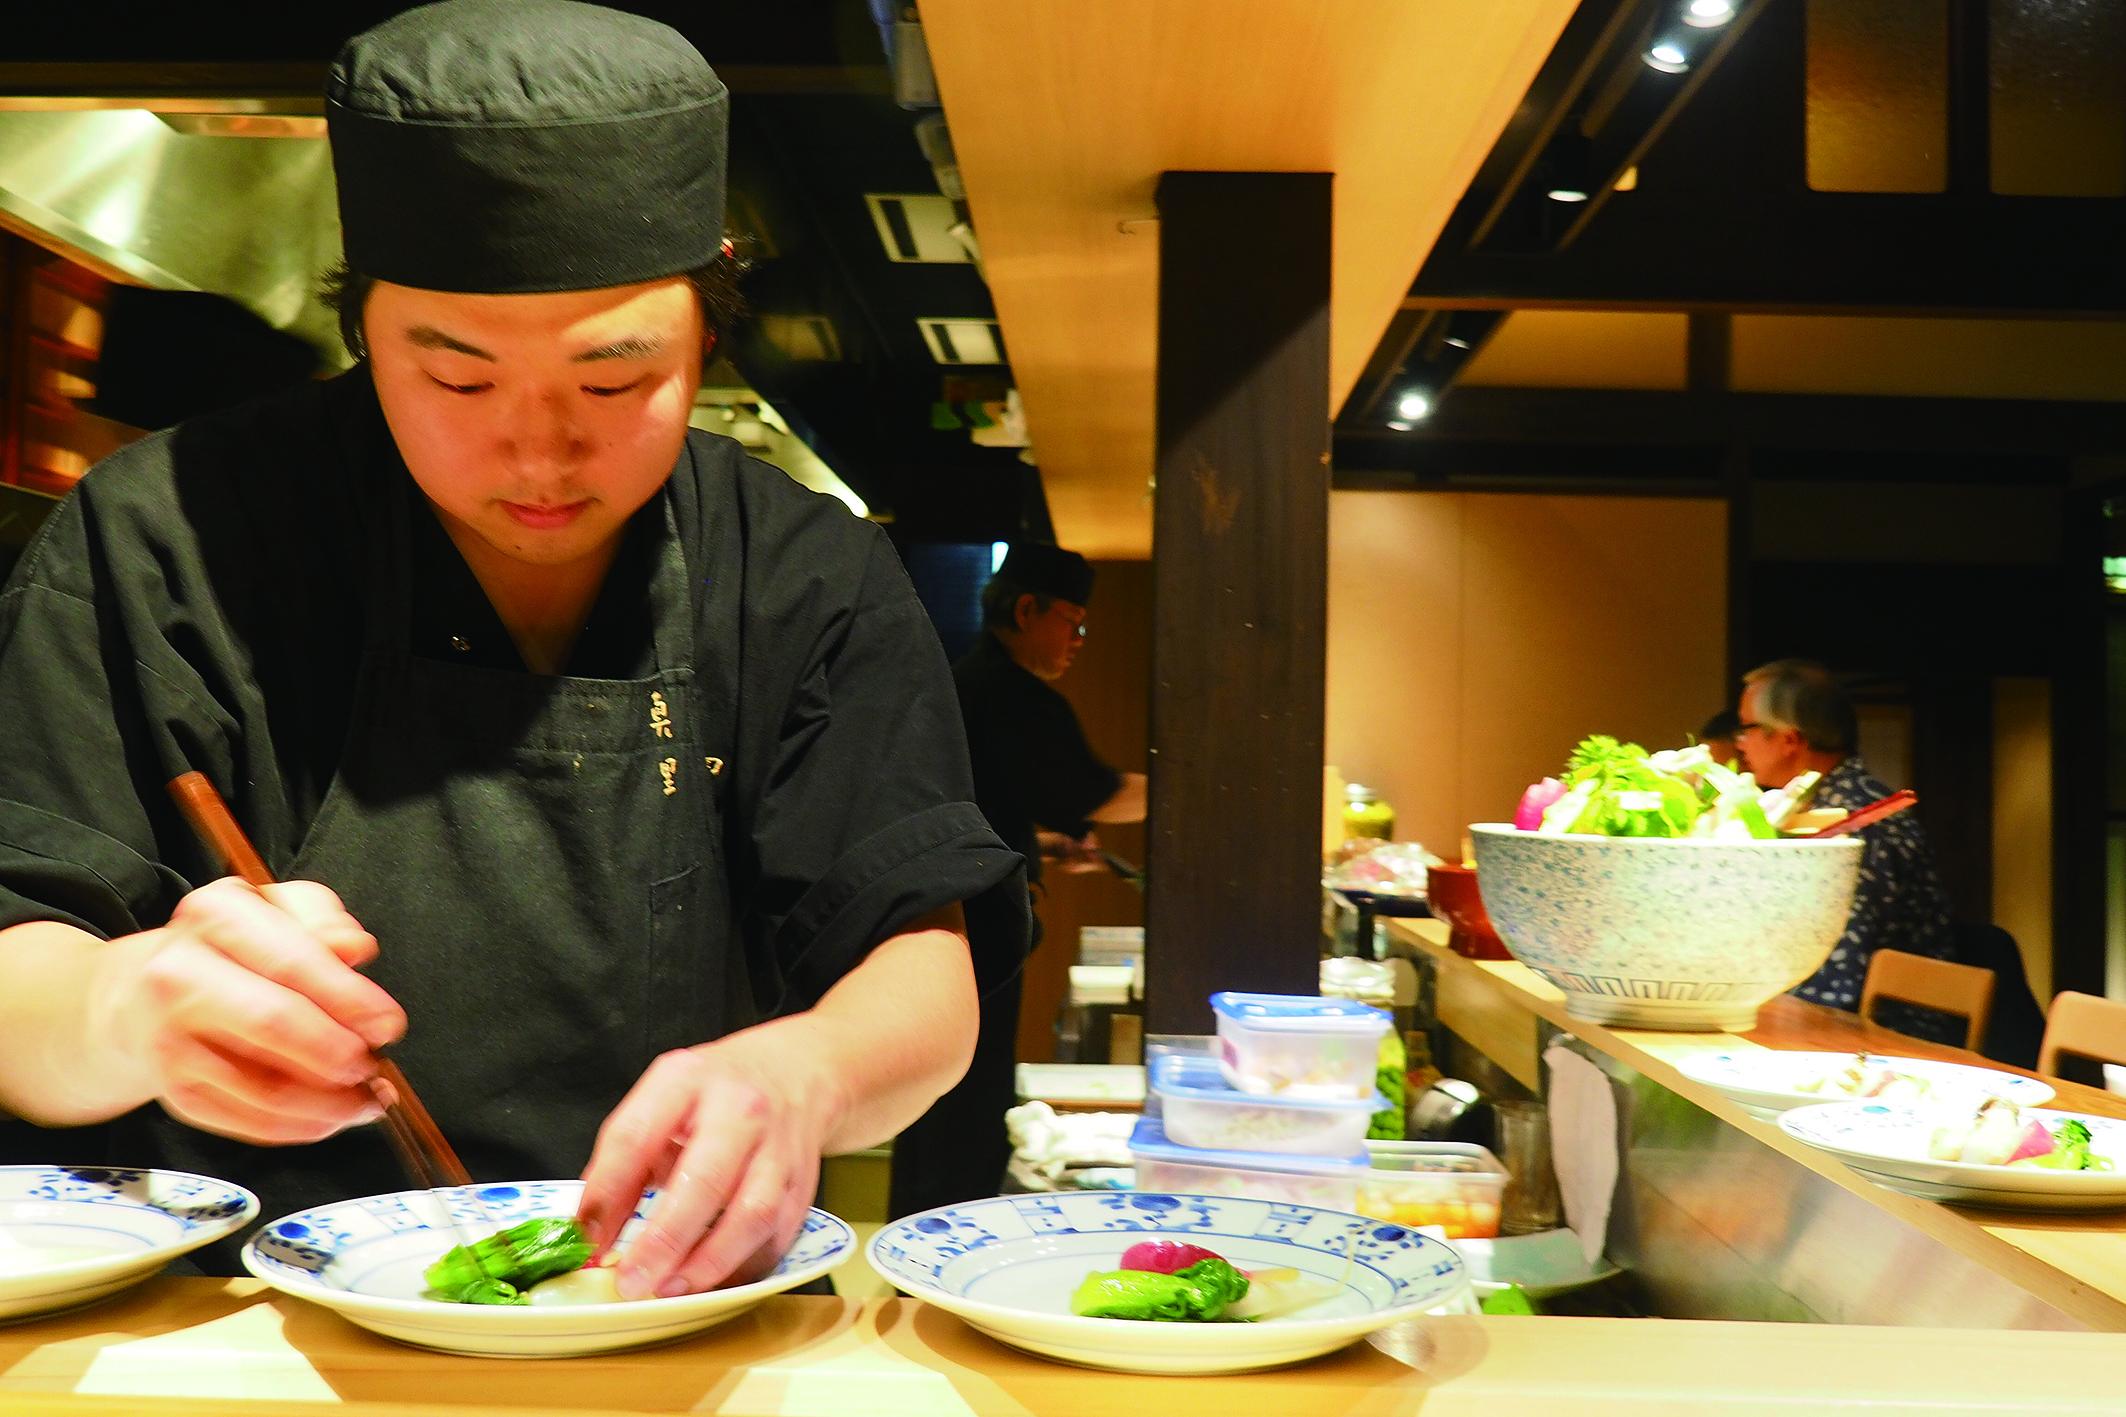 坐在吧台空間,一邊用餐,一邊享受職人們精彩的料理過程。.JPG